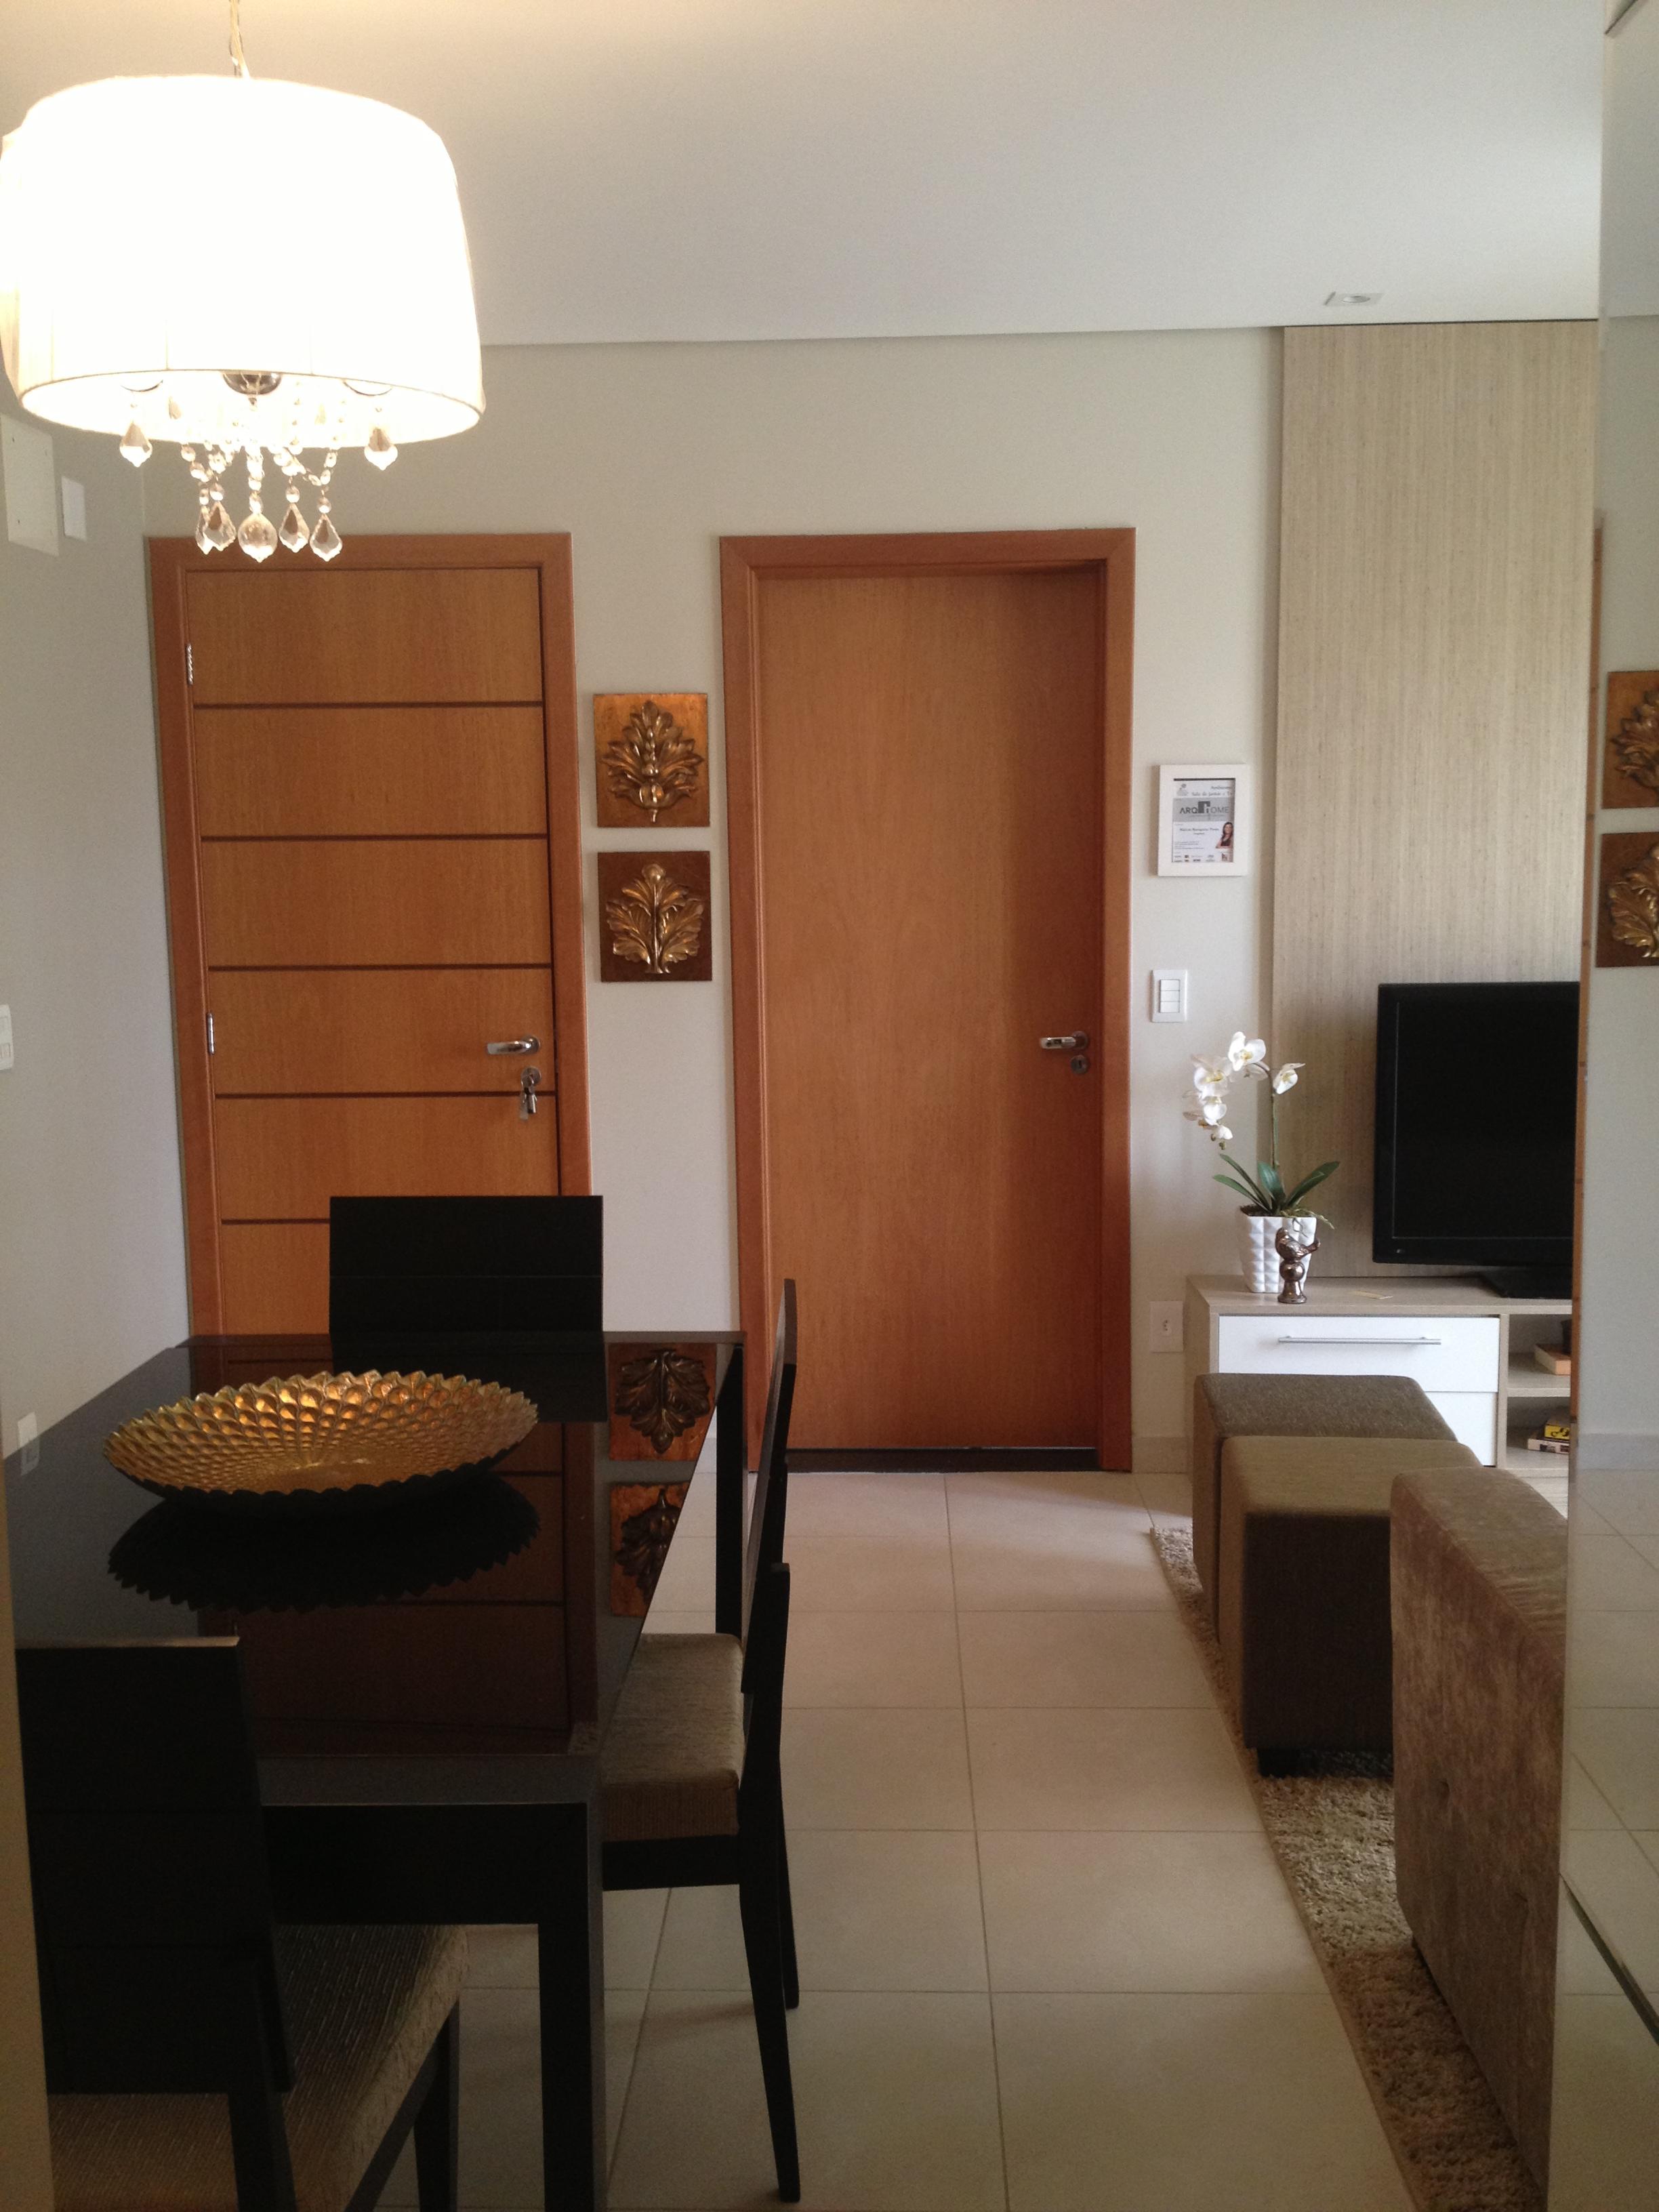 Apartamento Decorado Florada dos Ipês!!!!! #9A6231 2448x3264 Banheiro Apartamento Mrv